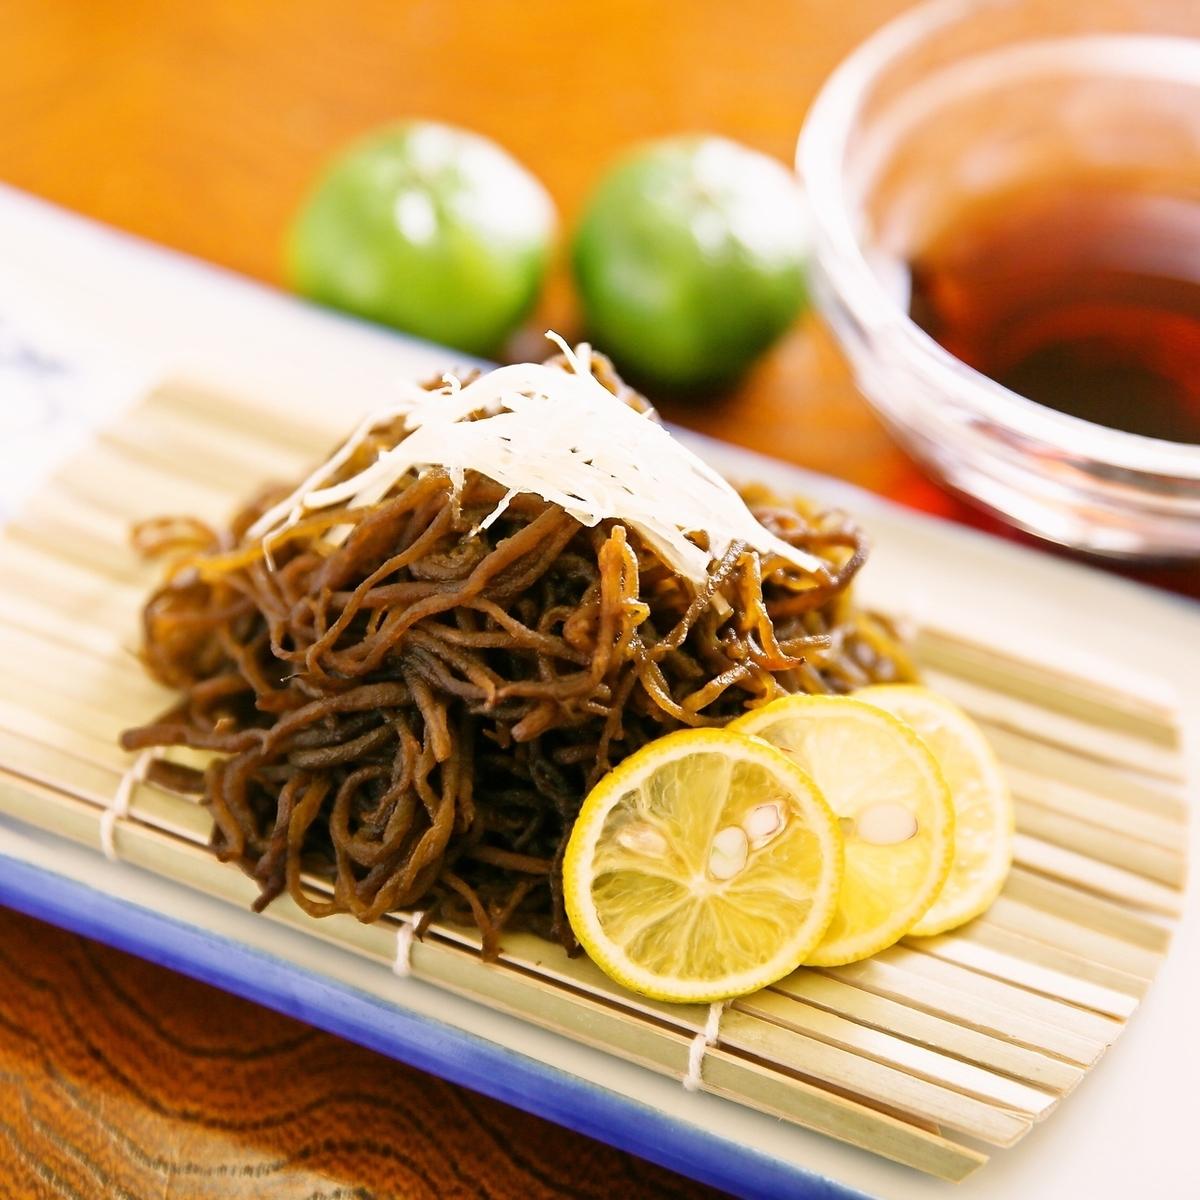 Okinawa natural mozuku vinegar